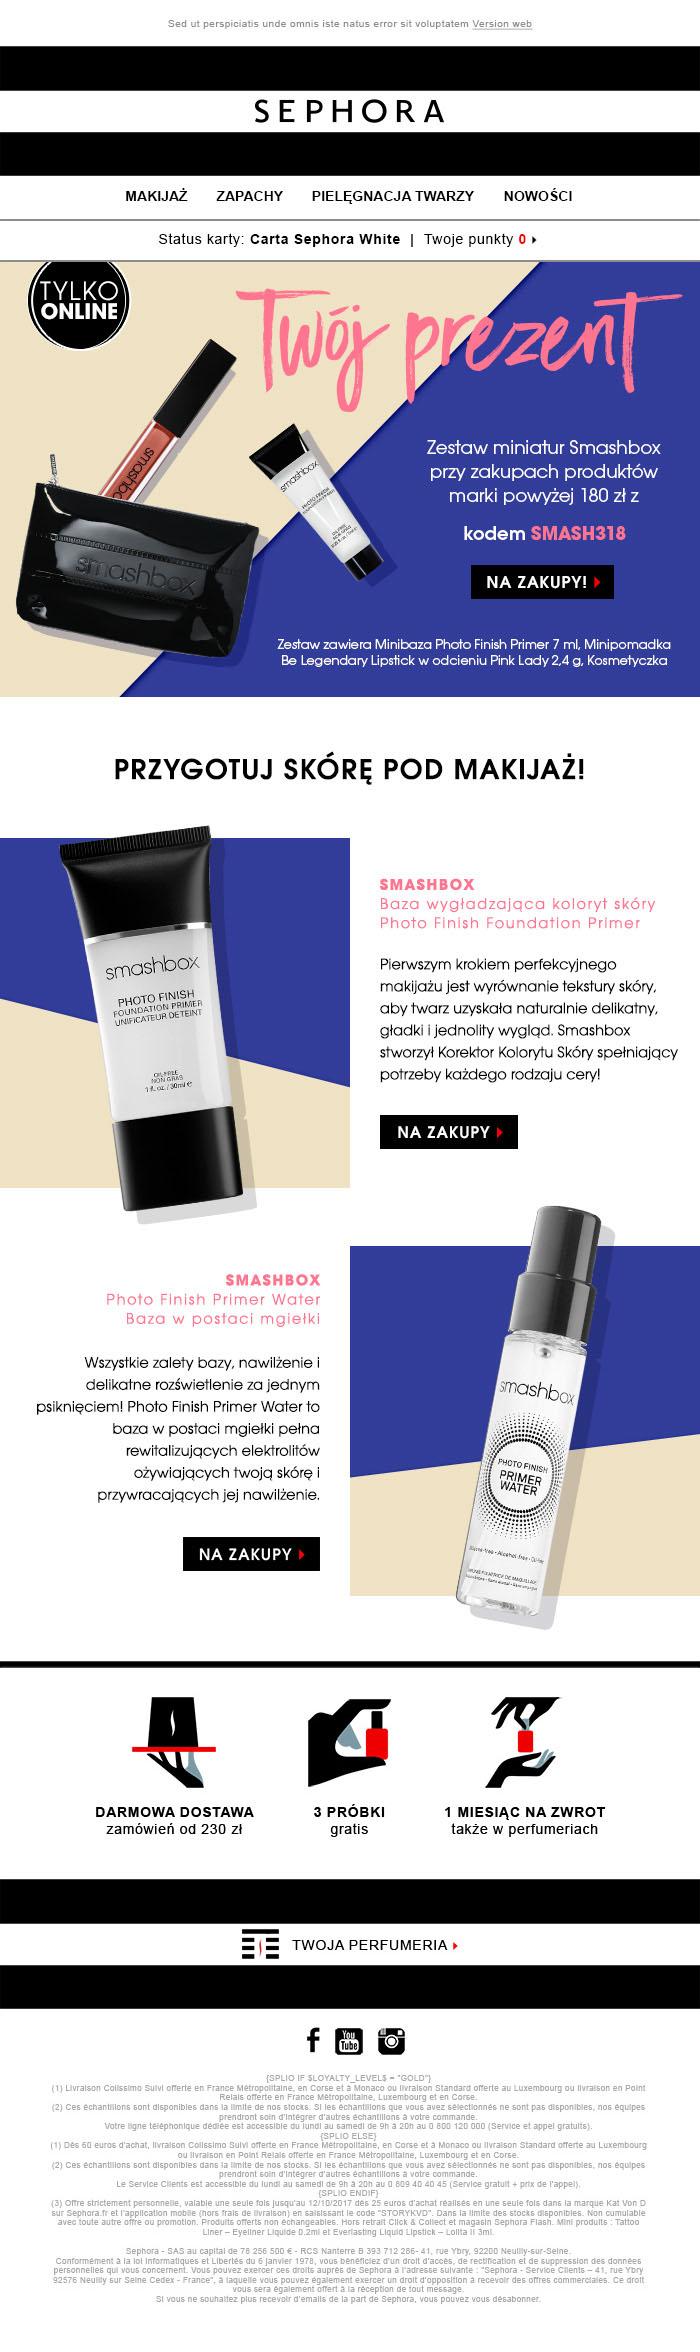 Newsletter pour le lancement de produits en Pologne